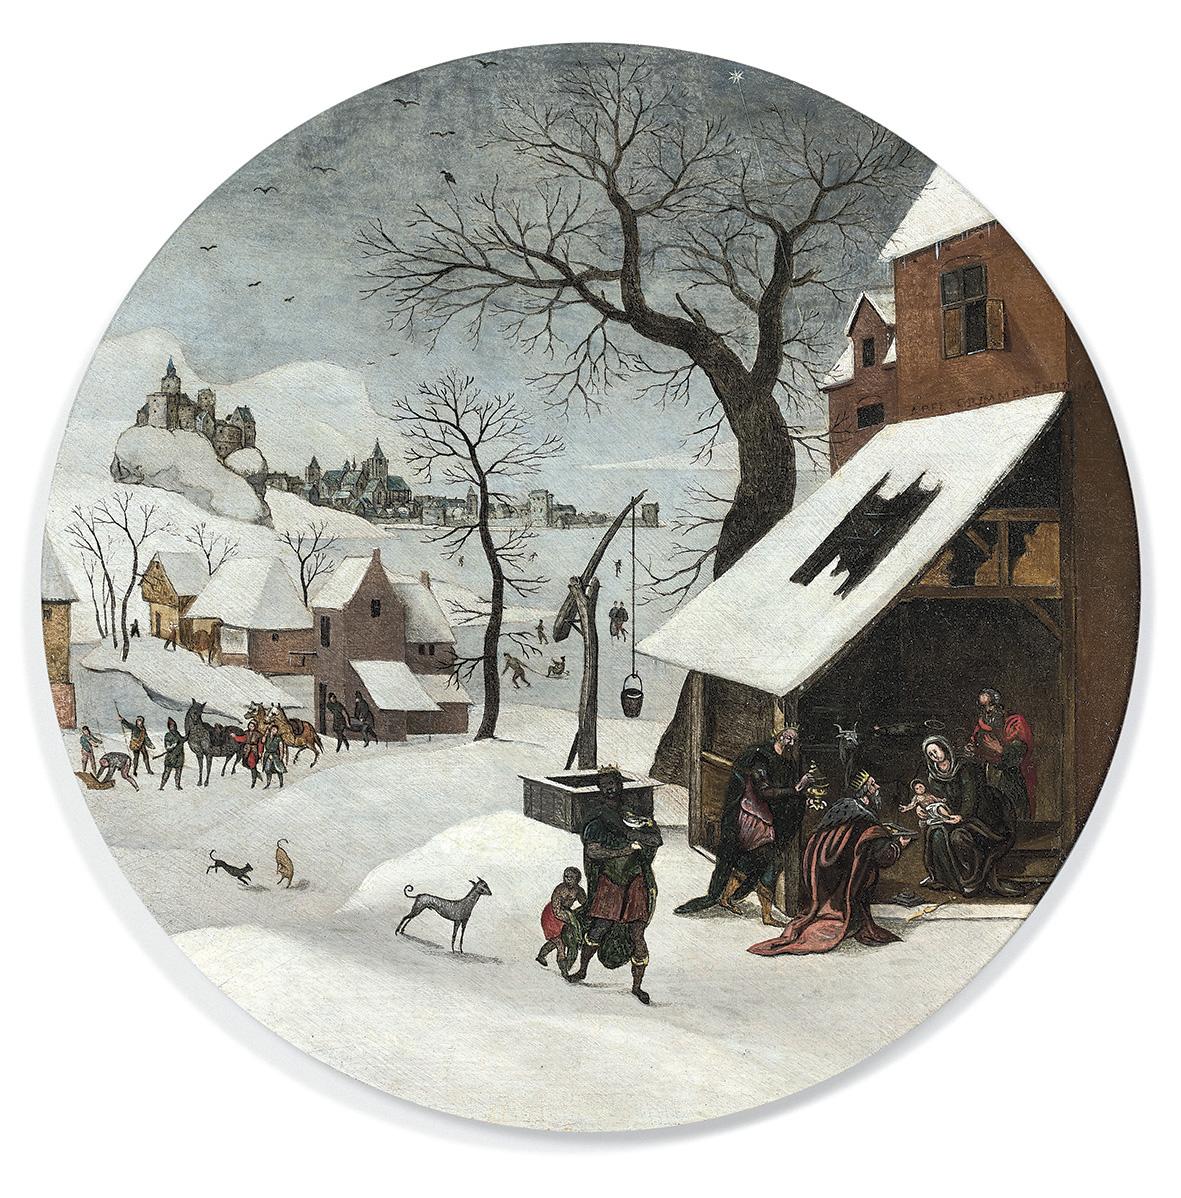 50000/60000€ seront à envisager pour emporter ce panneau circulaire d'Abel Grimmer(vers1570-av.1619) sur le thème de L'Adoration des